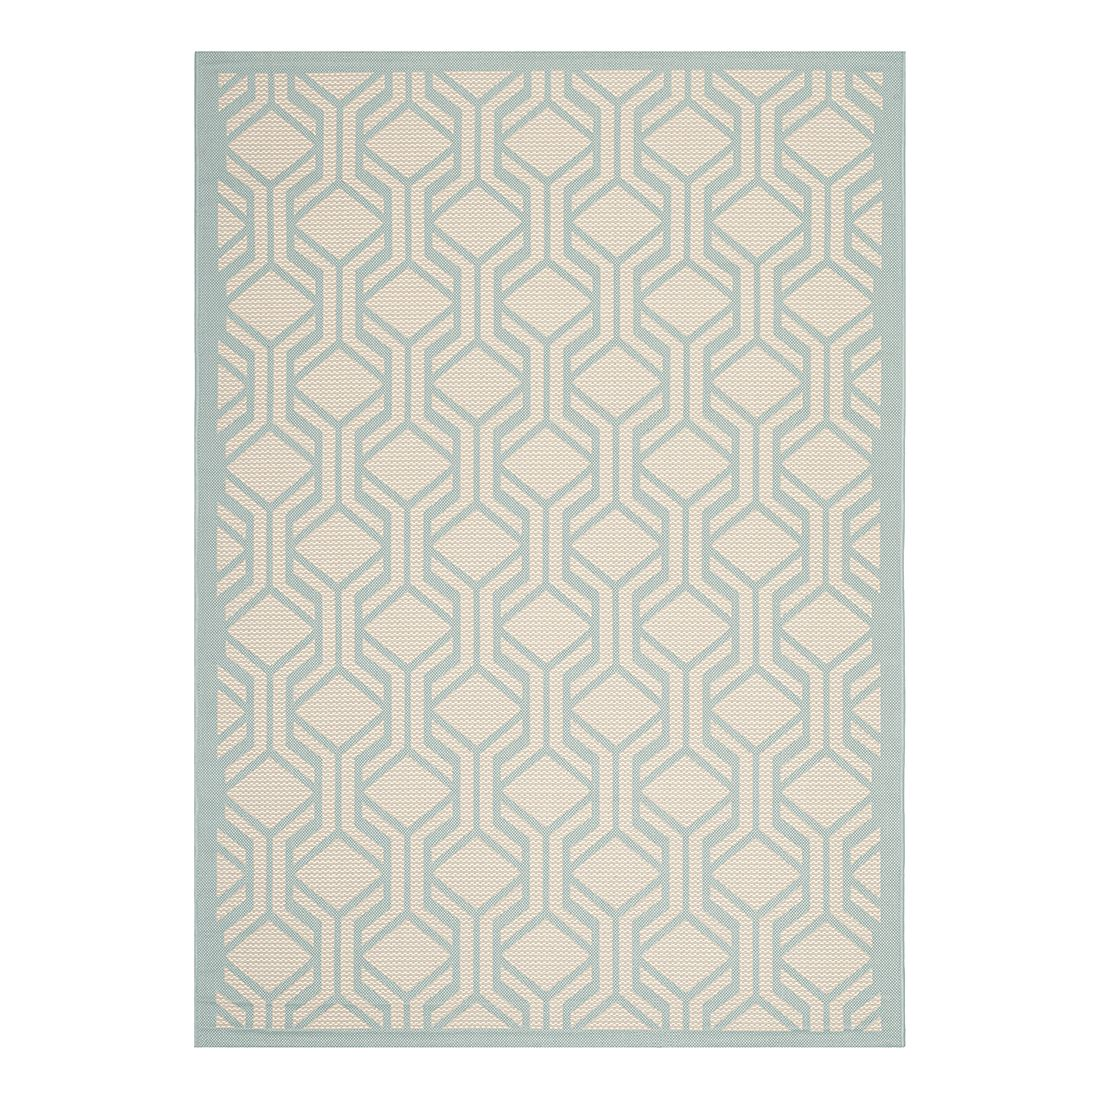 In-/Outdoorteppich Catalonia – Beige/Türkis – Maße: 200 x 289 cm, Safavieh kaufen